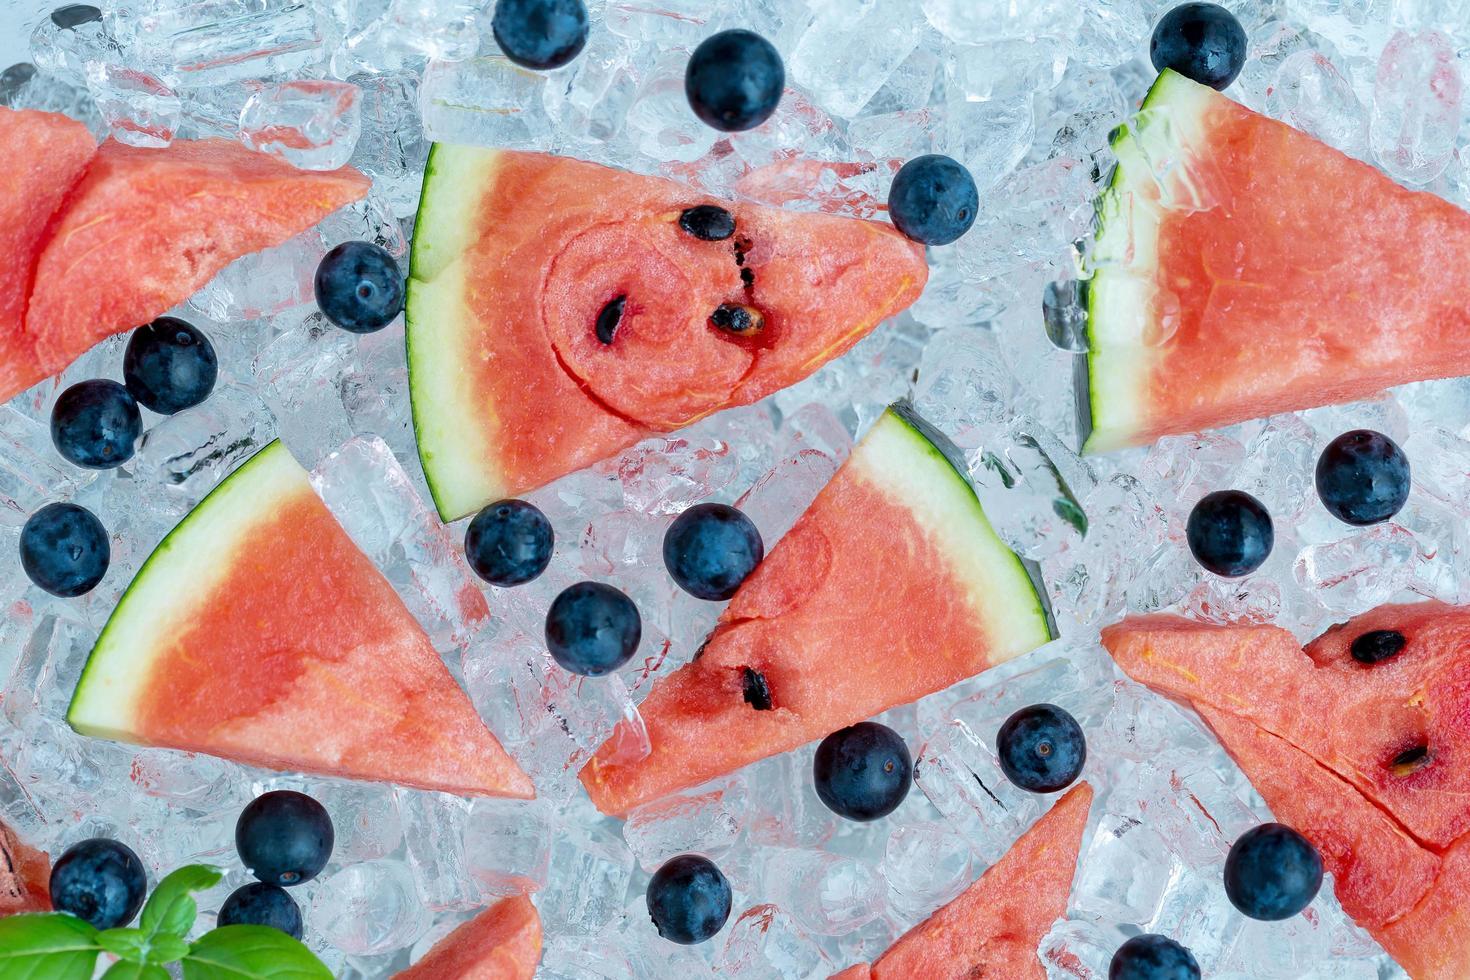 geschnittene Wassermelone und Blaubeeren auf Eis foto